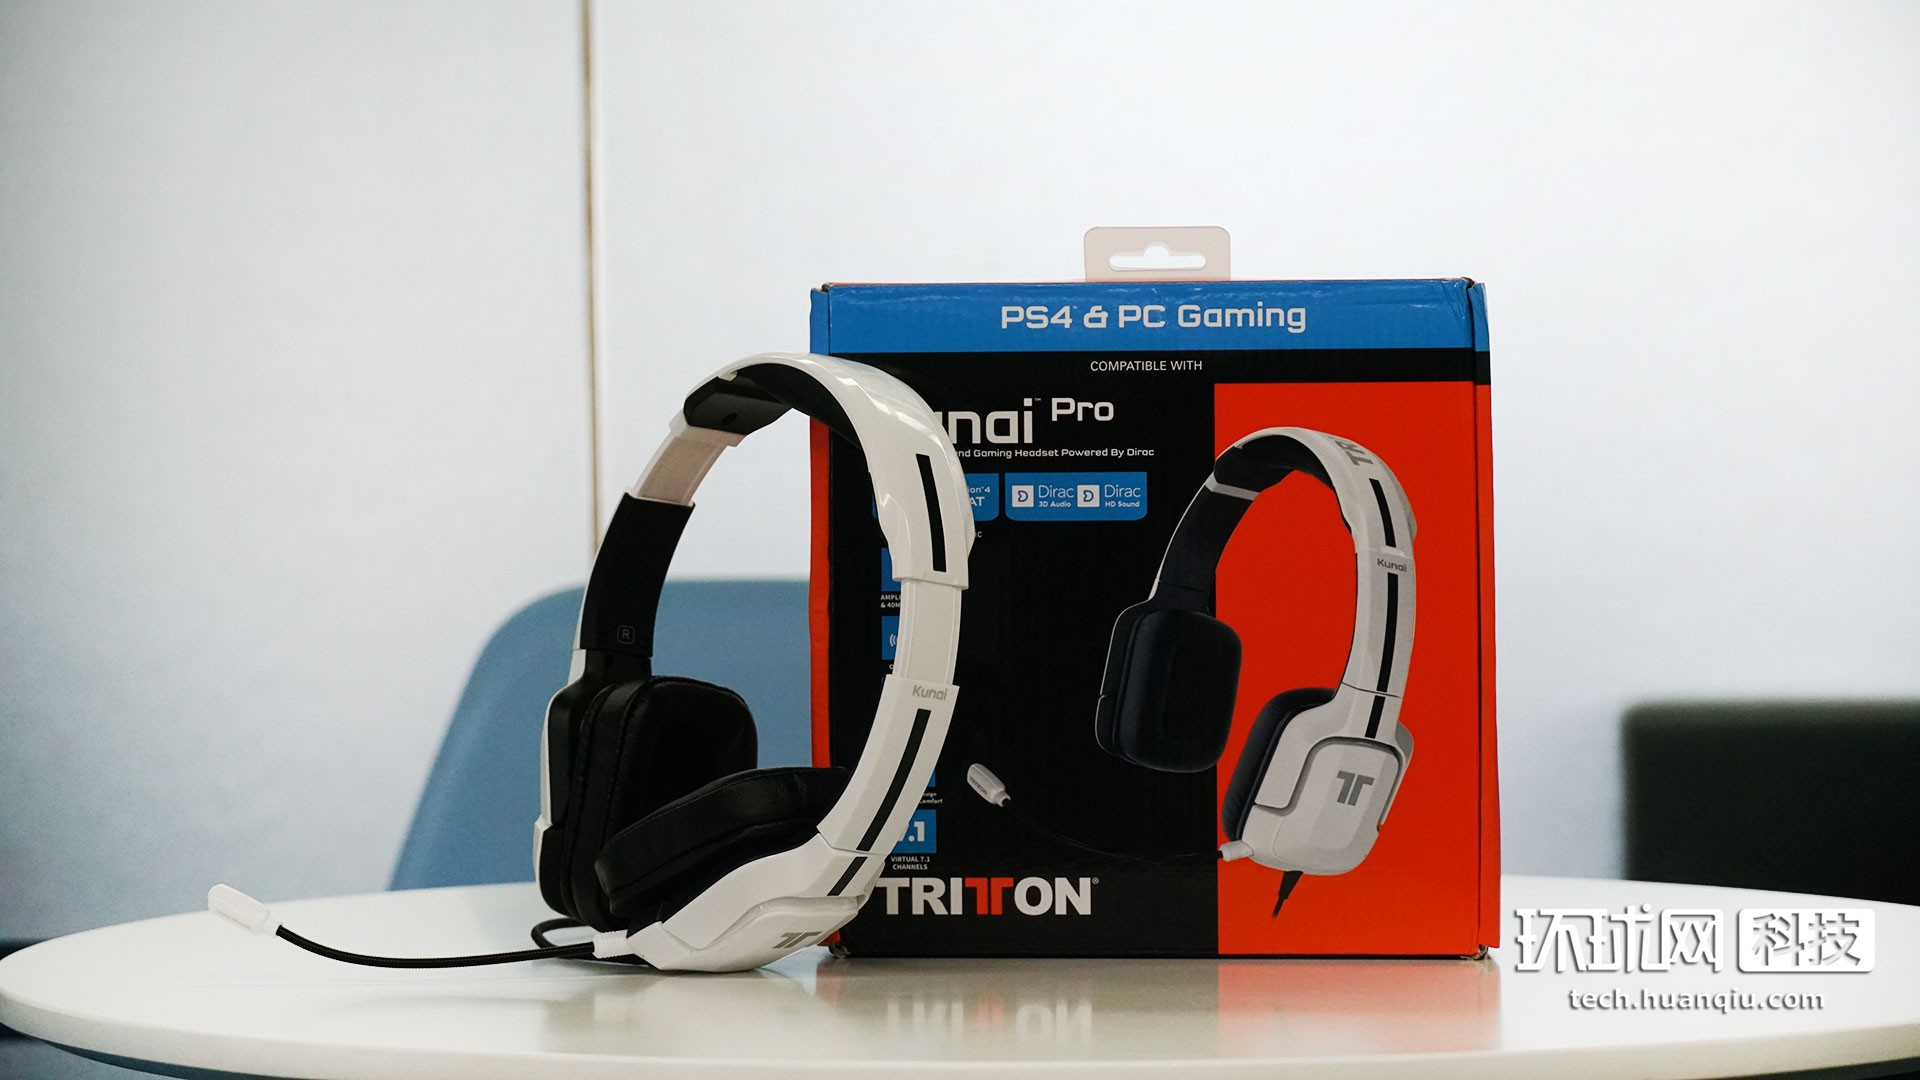 电竞风兼顾性价比 TRITTON Kunai pro Dirac 7.1游戏耳机体验